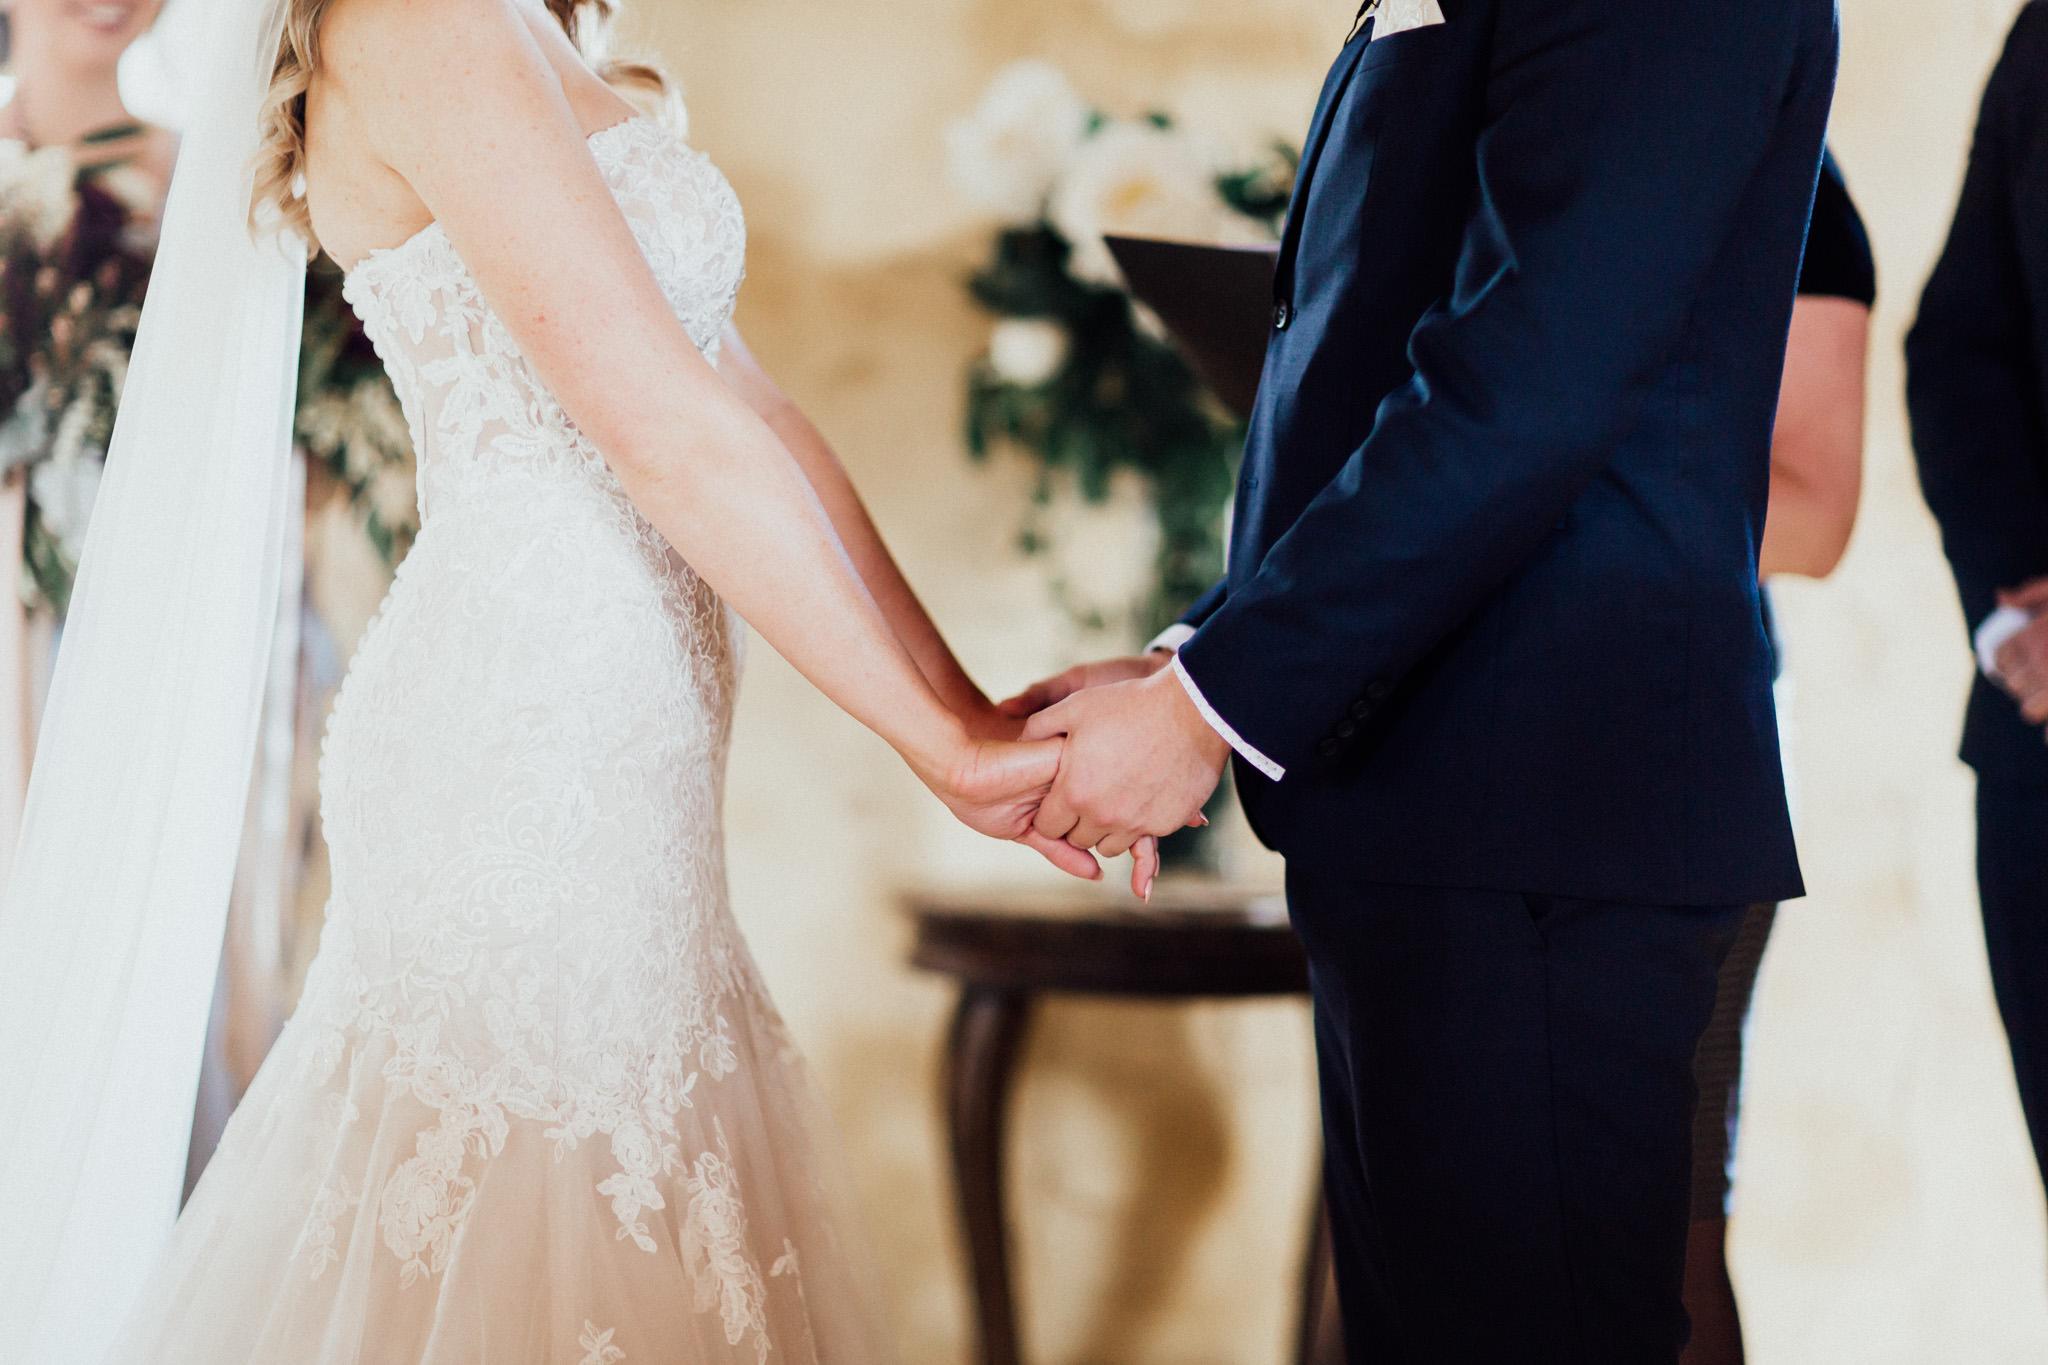 WeddingPhotos_Facebook_2048pixels-1044.jpg